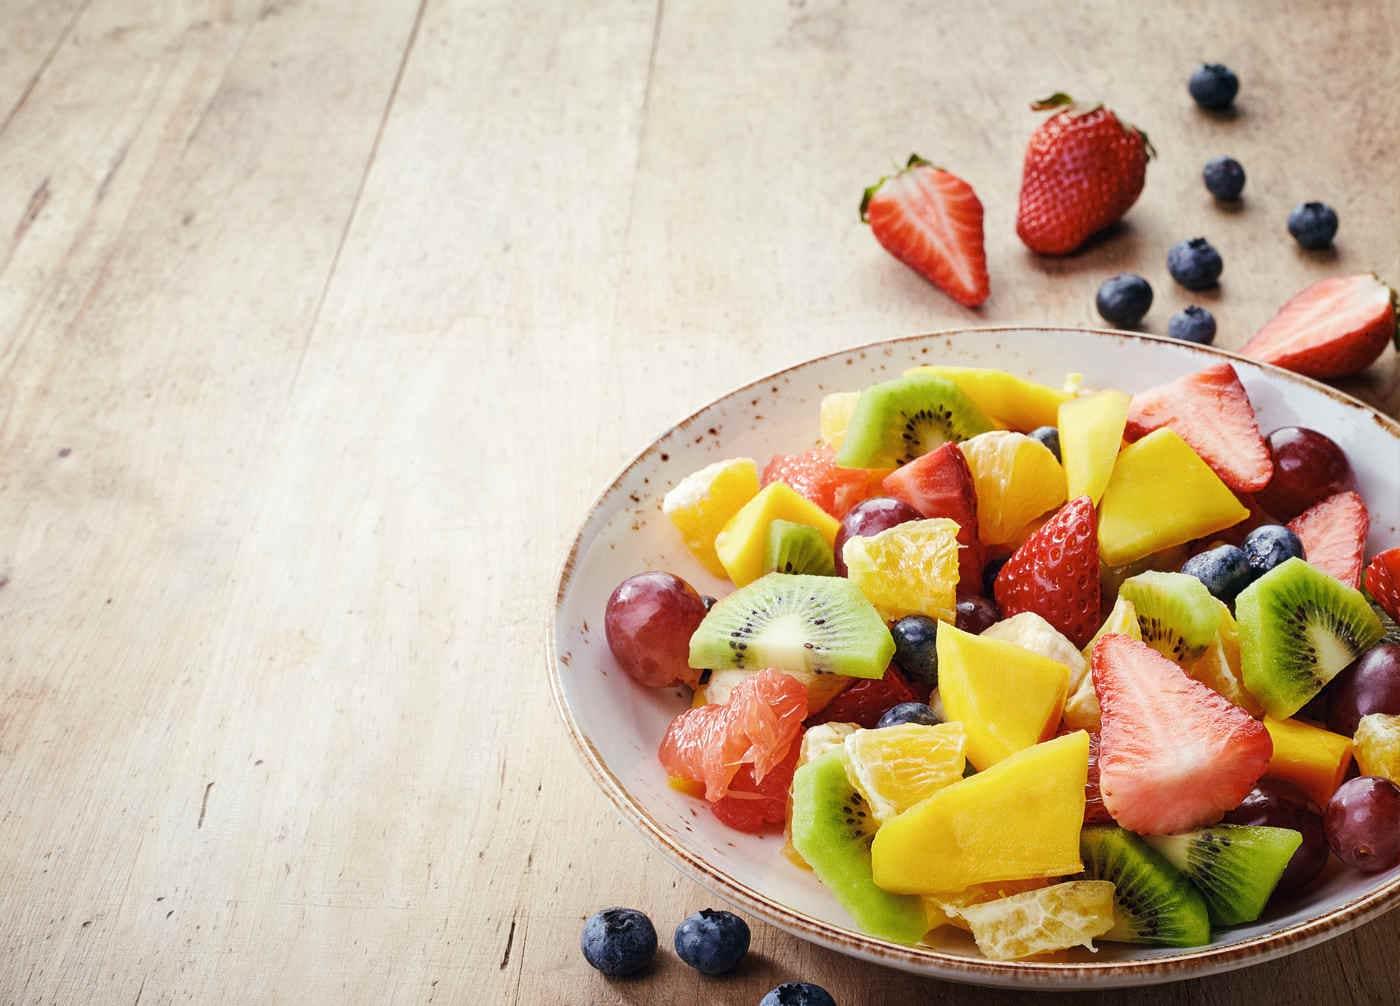 Ce să mănânci pentru o piele frumoasă în această vară